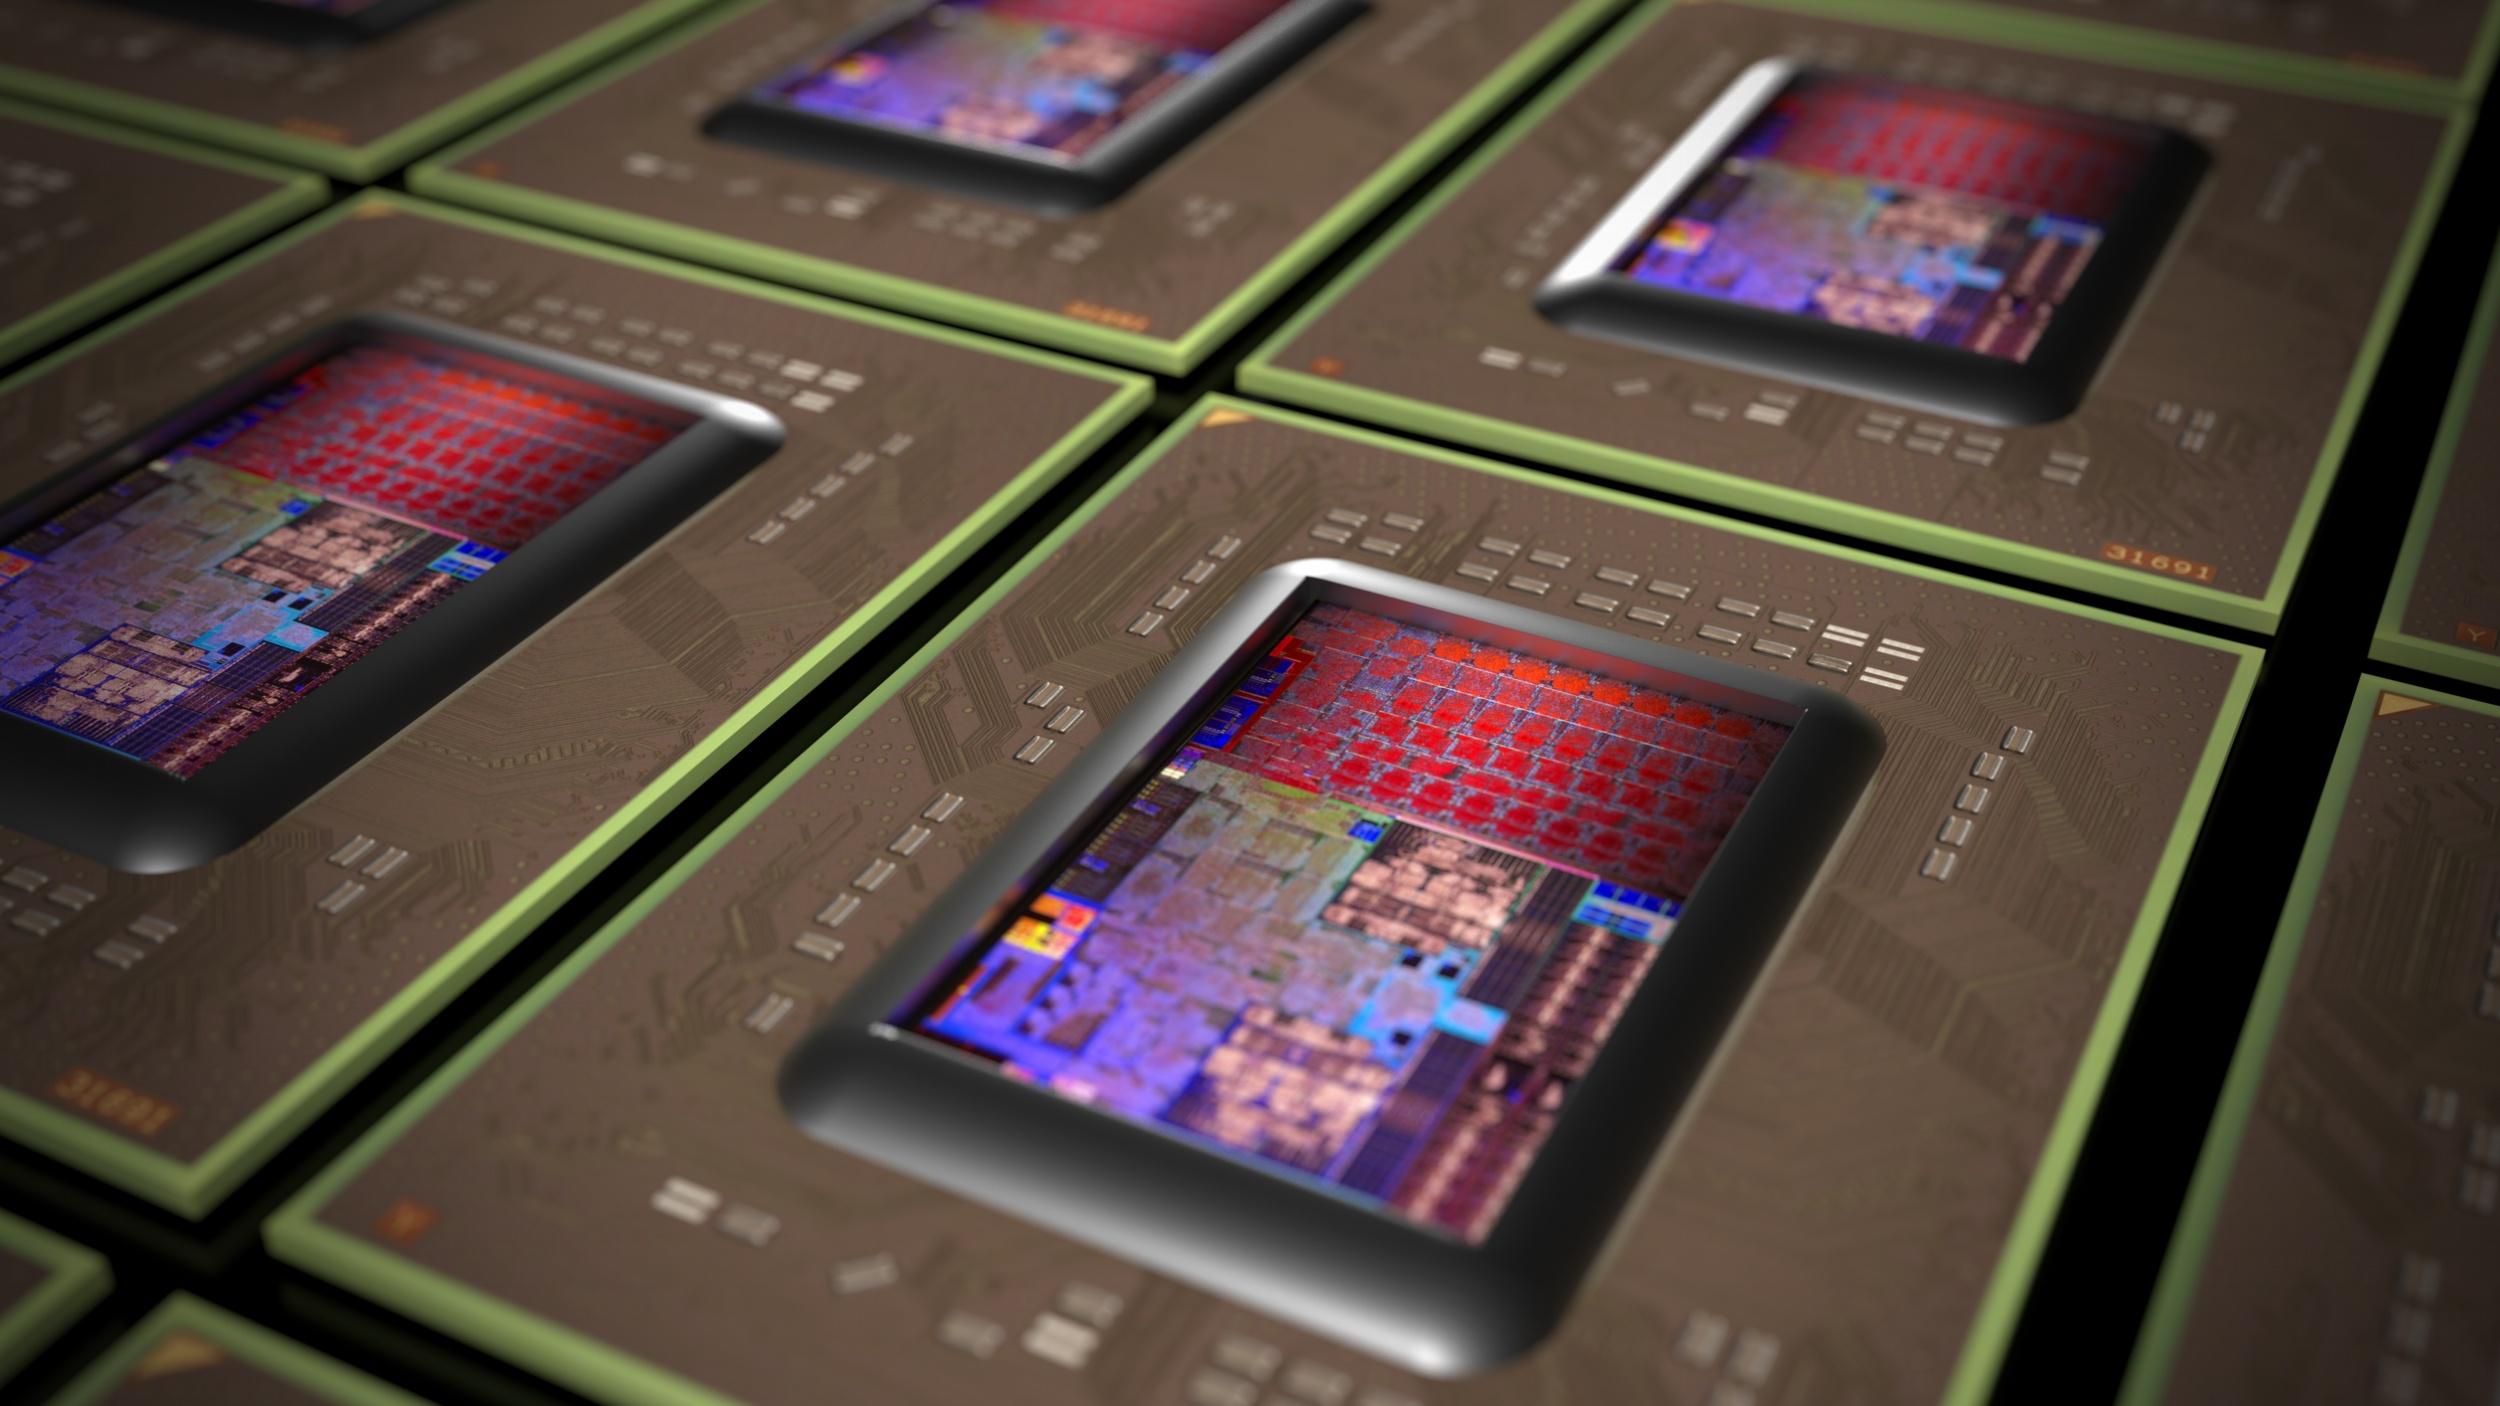 Znamy już plany AMD na przyszłość. Fani gier mogą zacierać ręce